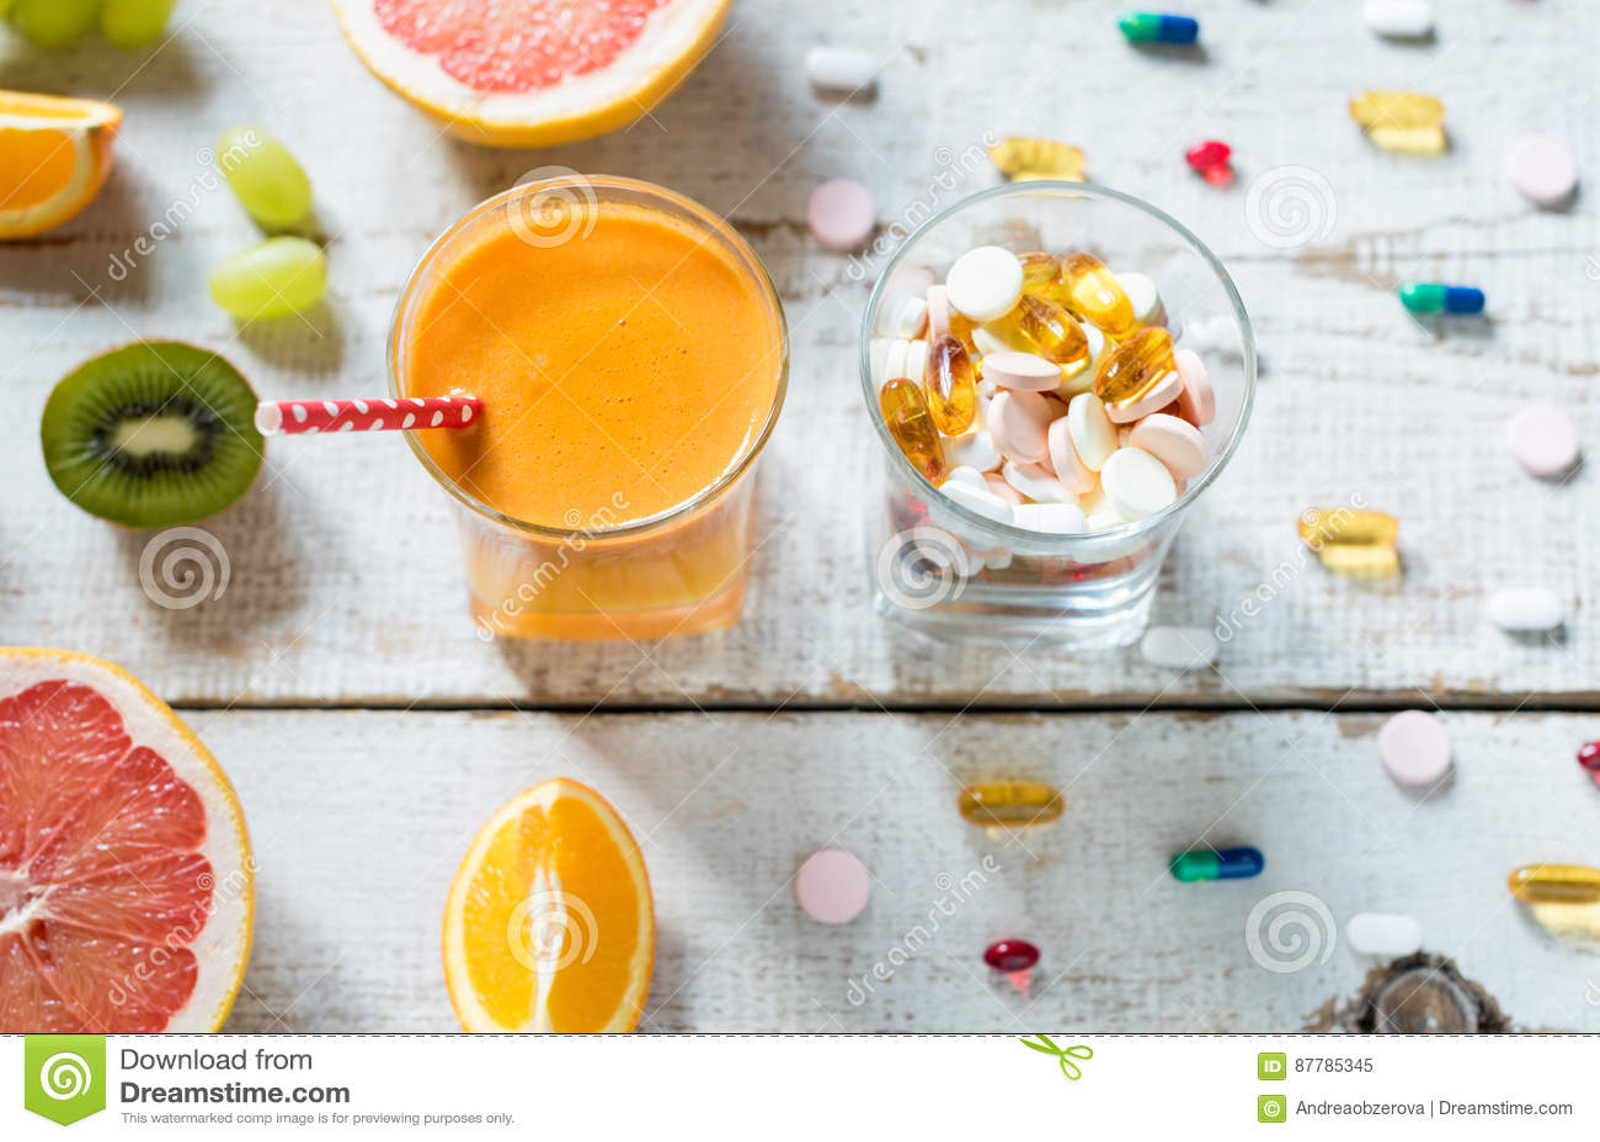 健康生活方式和饮食概念 果子、药片和维生素补充